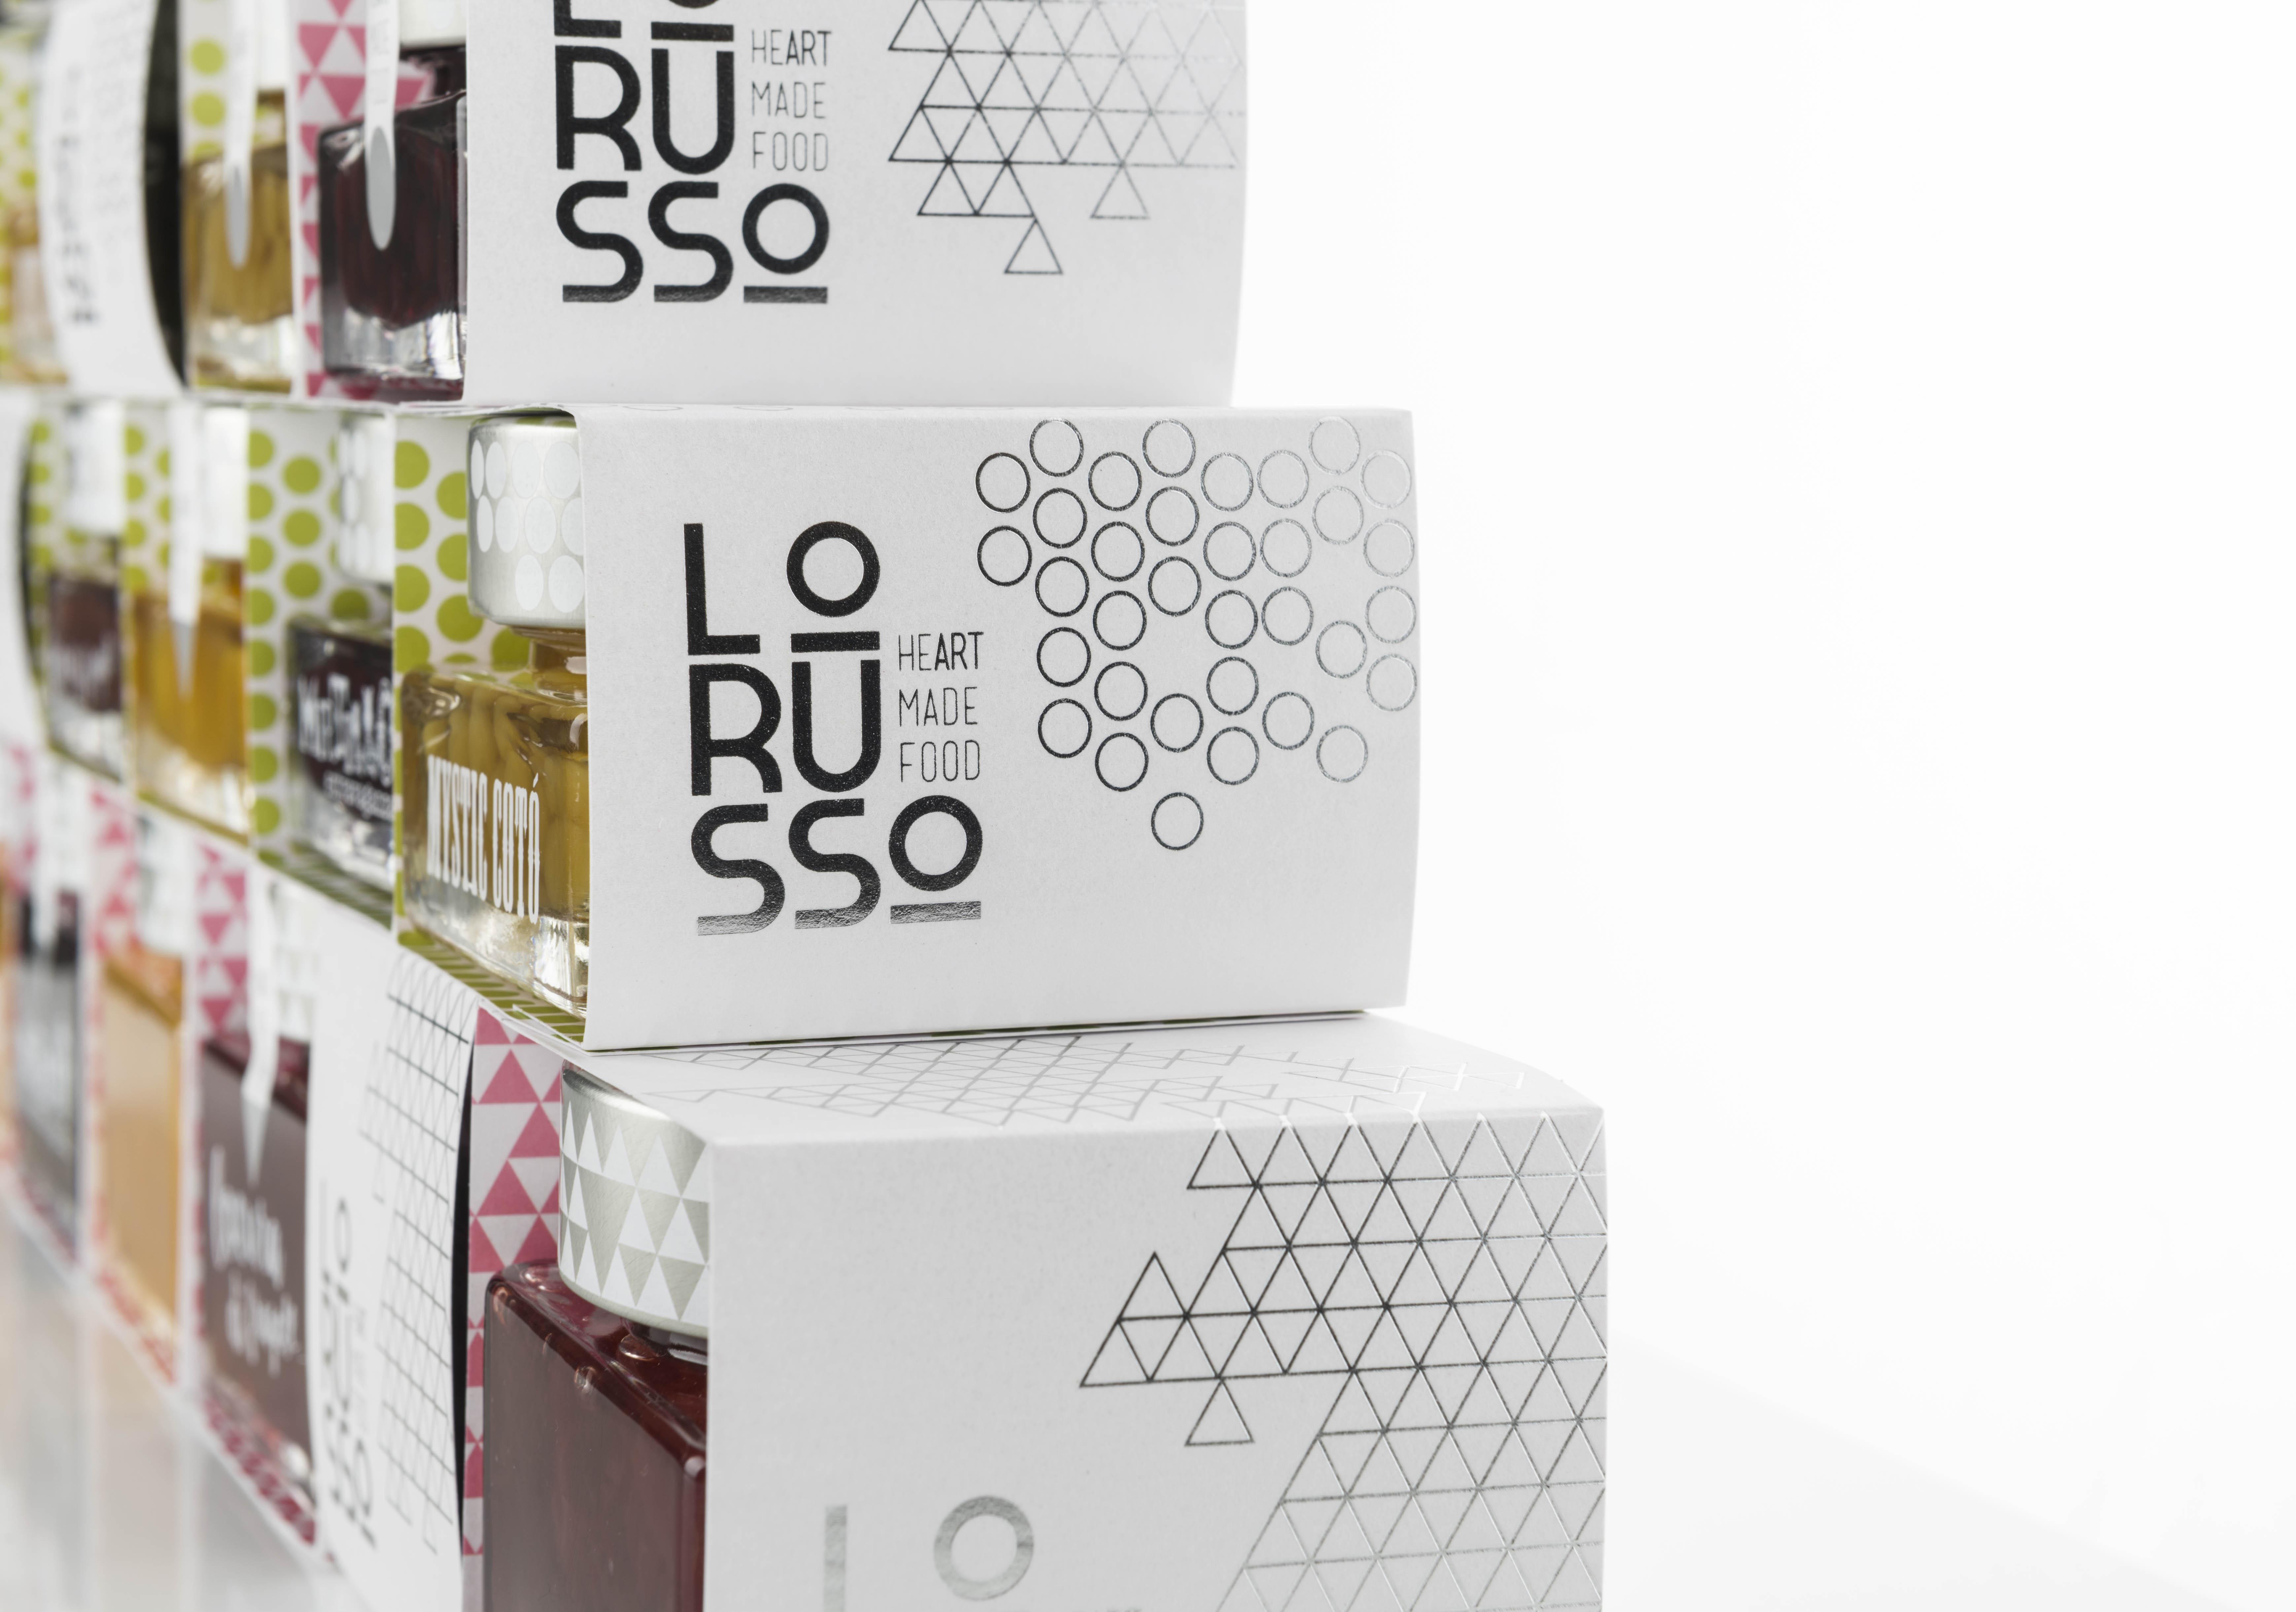 LoRUSSo lanza al mercado su nueva salsa dulce ecológica de Pimiento | Luxury Spain